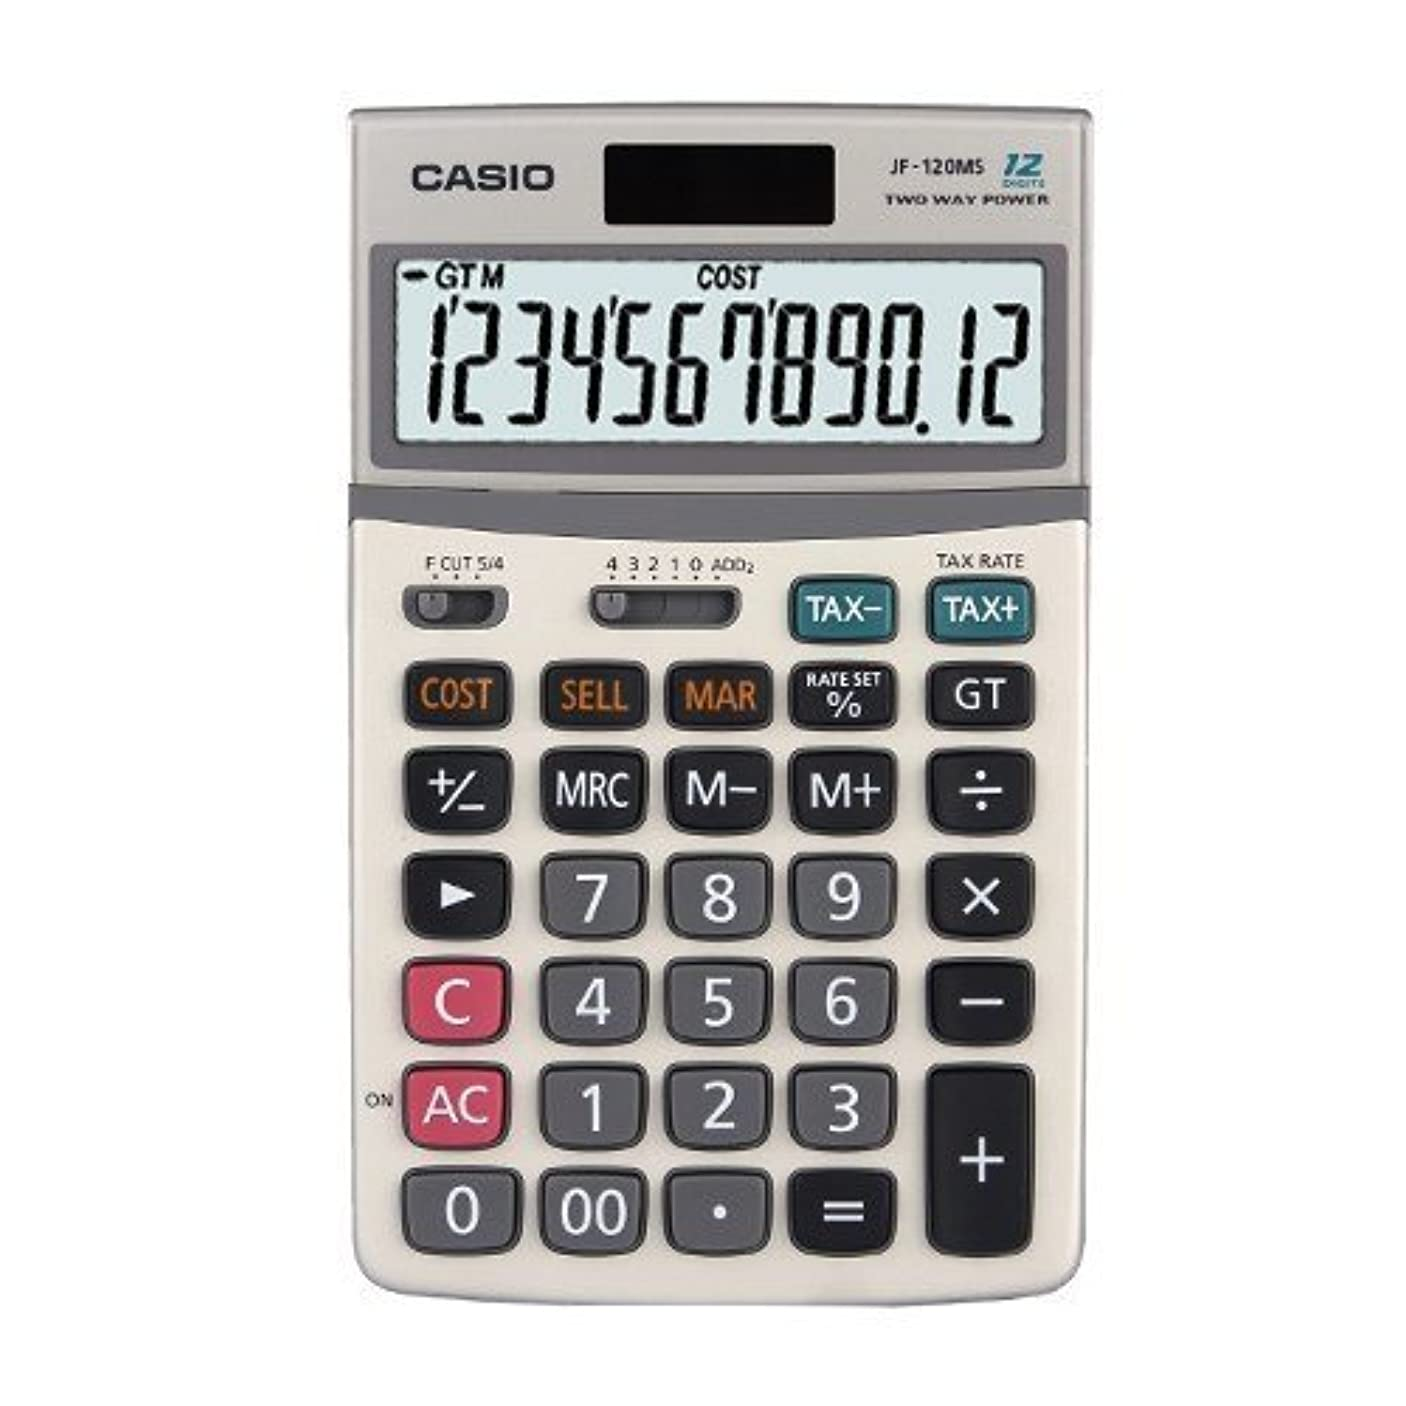 デュアル考慮薬用Casio JF-120MS 電卓税計算と金属カバー付き JF120MS [並行輸入品]